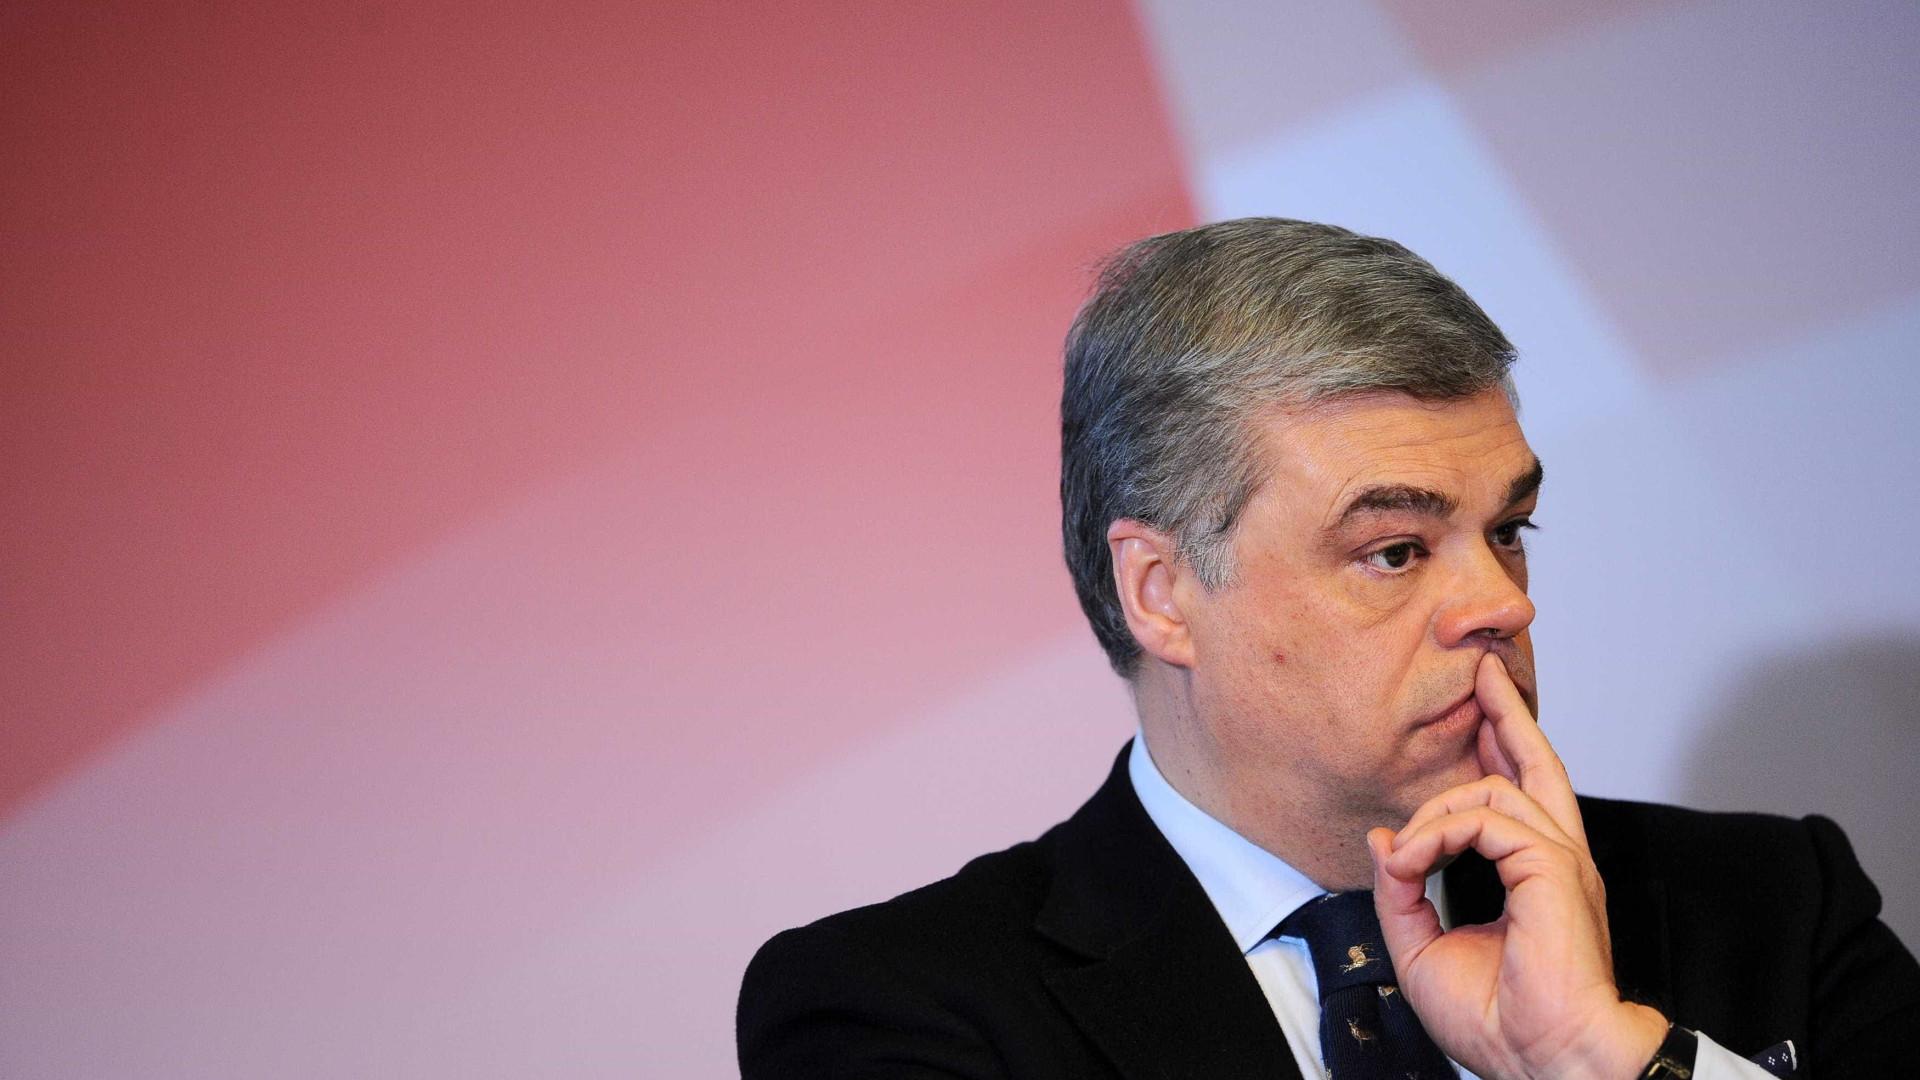 Deputado do PS revela recibo de vencimento após polémica